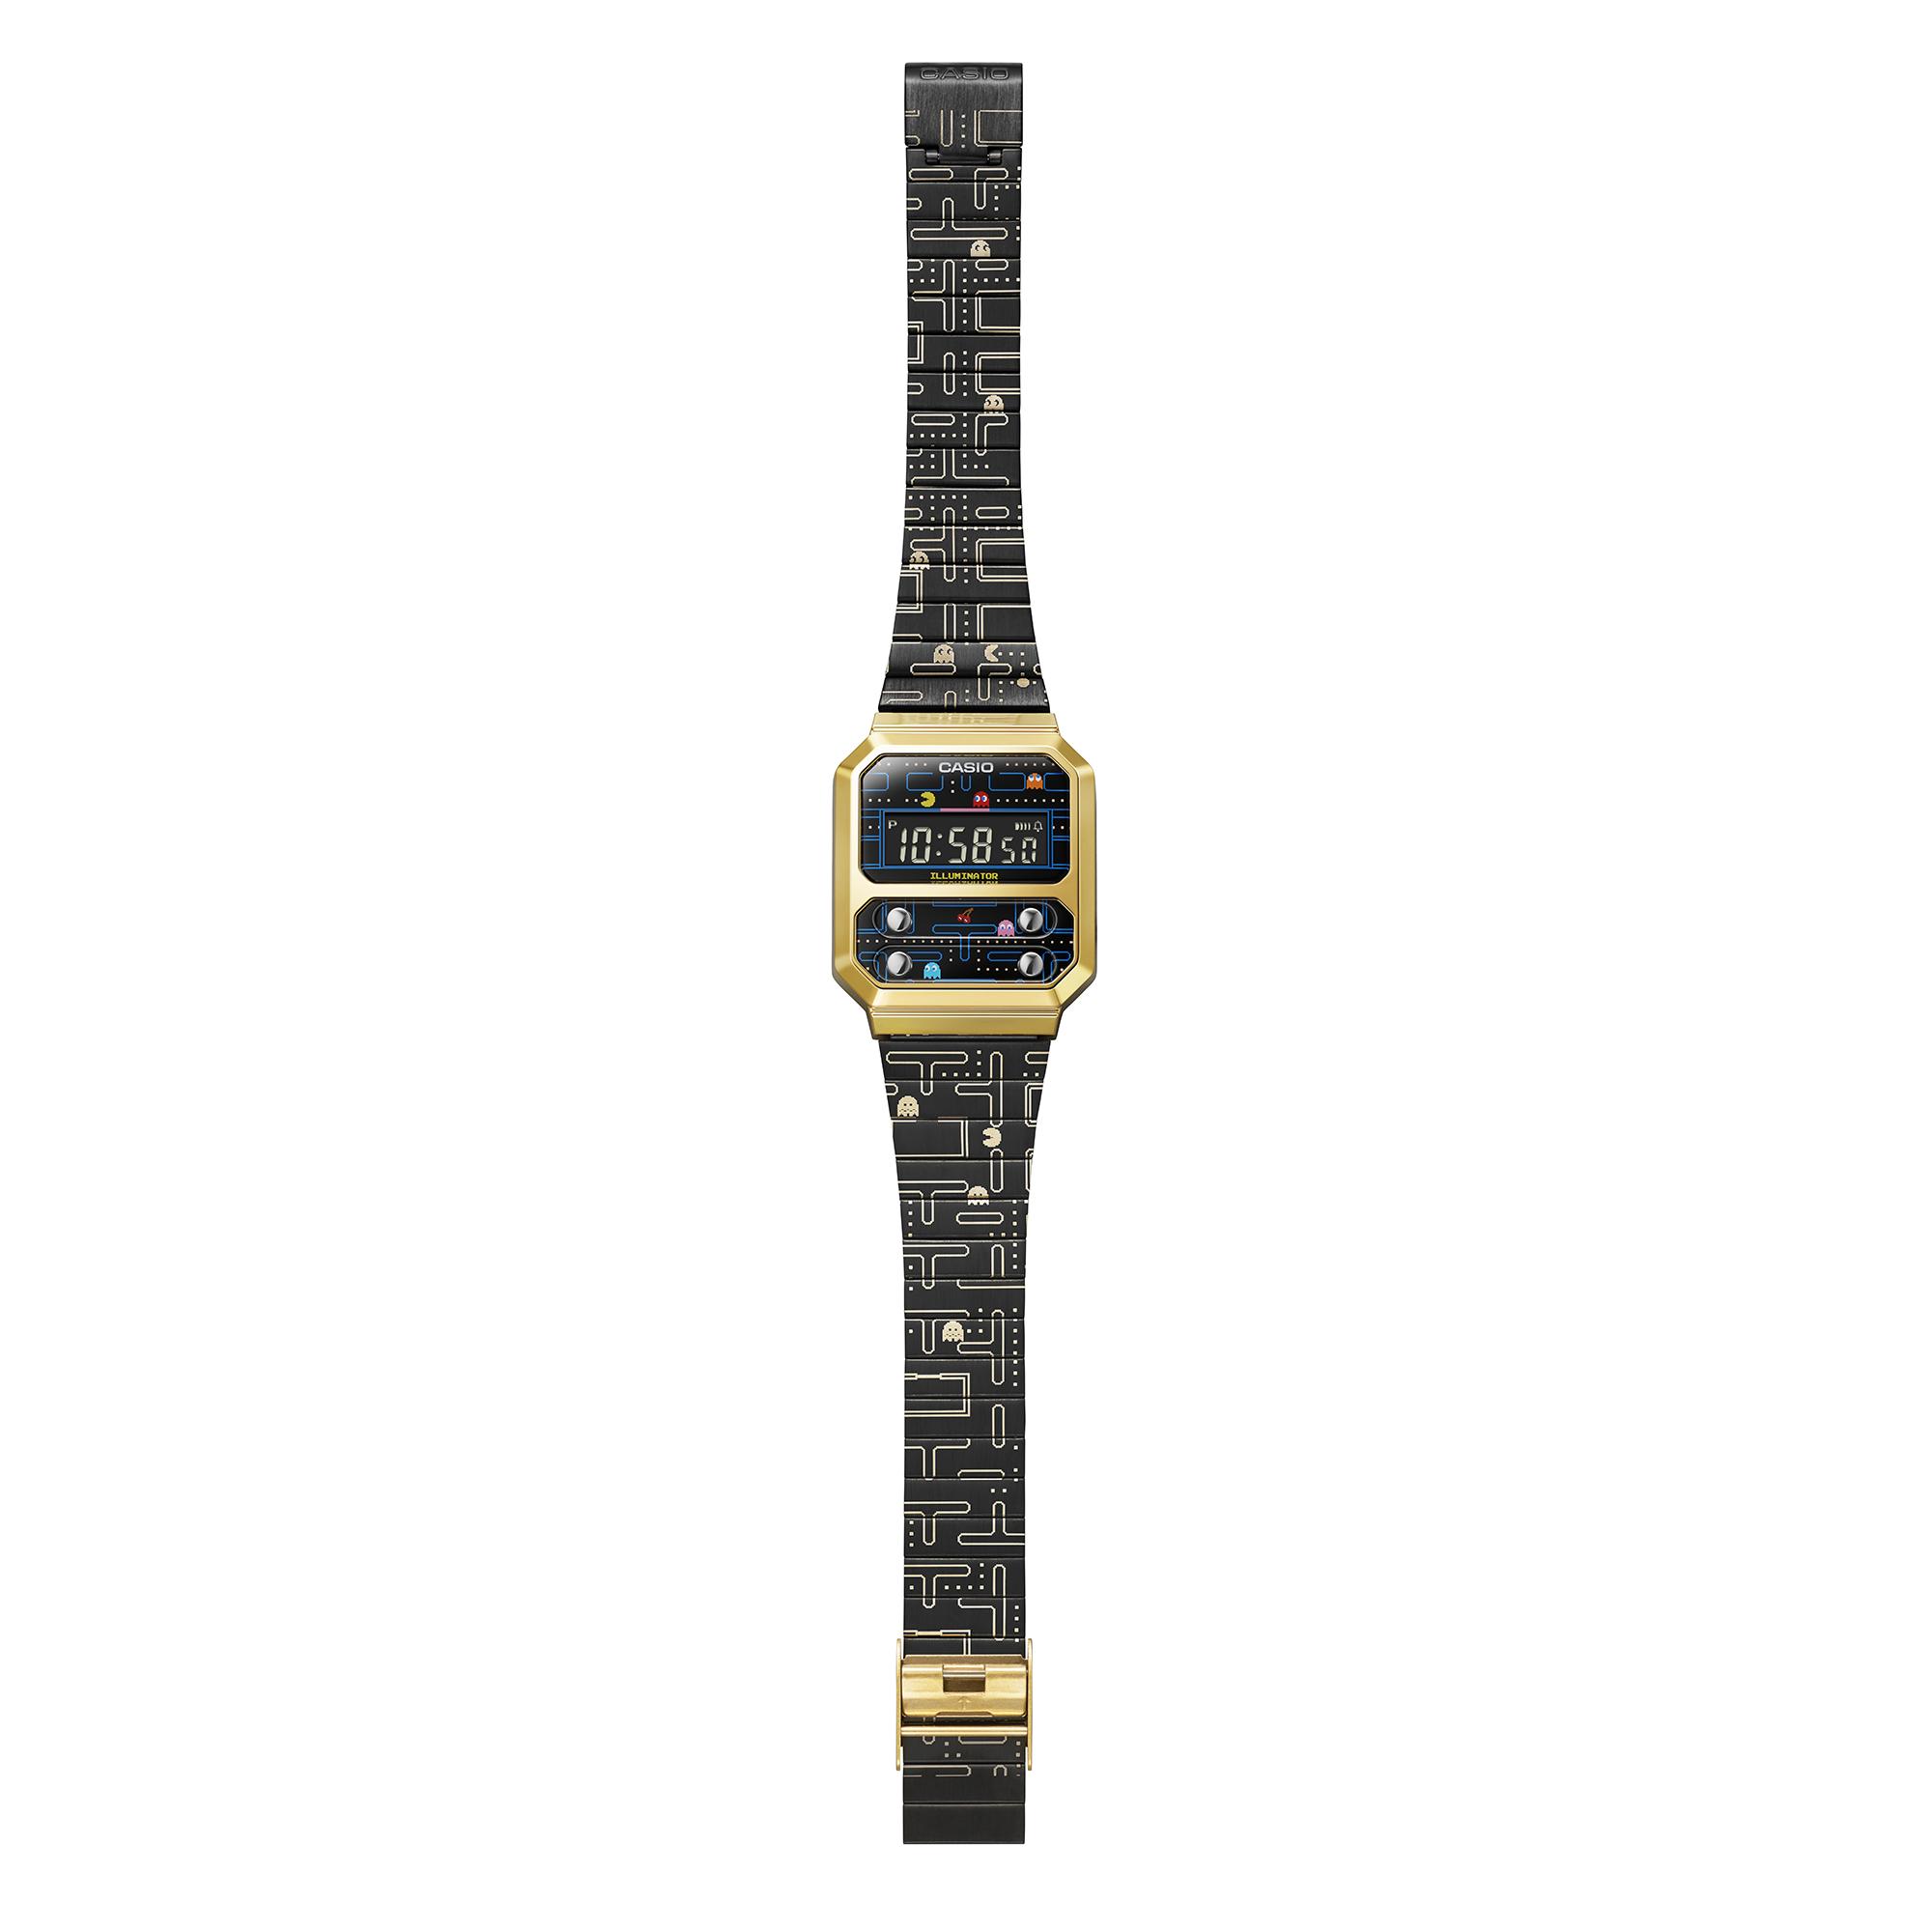 CASIO Vintage X Pac-Man watch